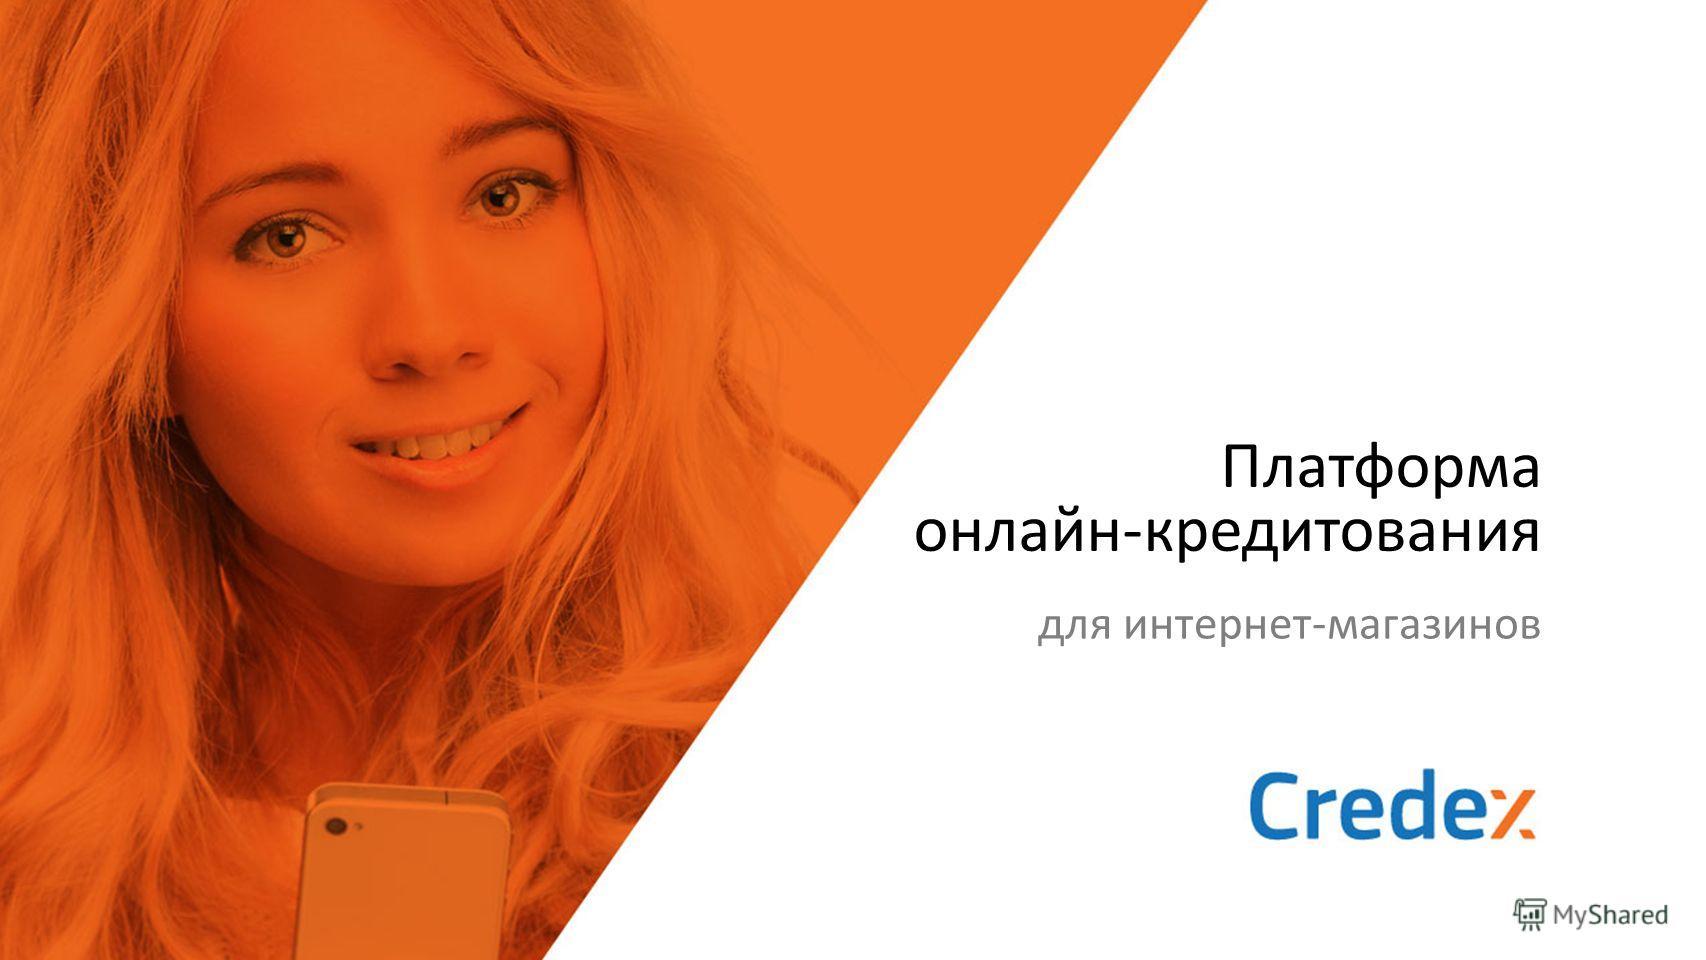 Платформа онлайн-кредитования для интернет-магазинов